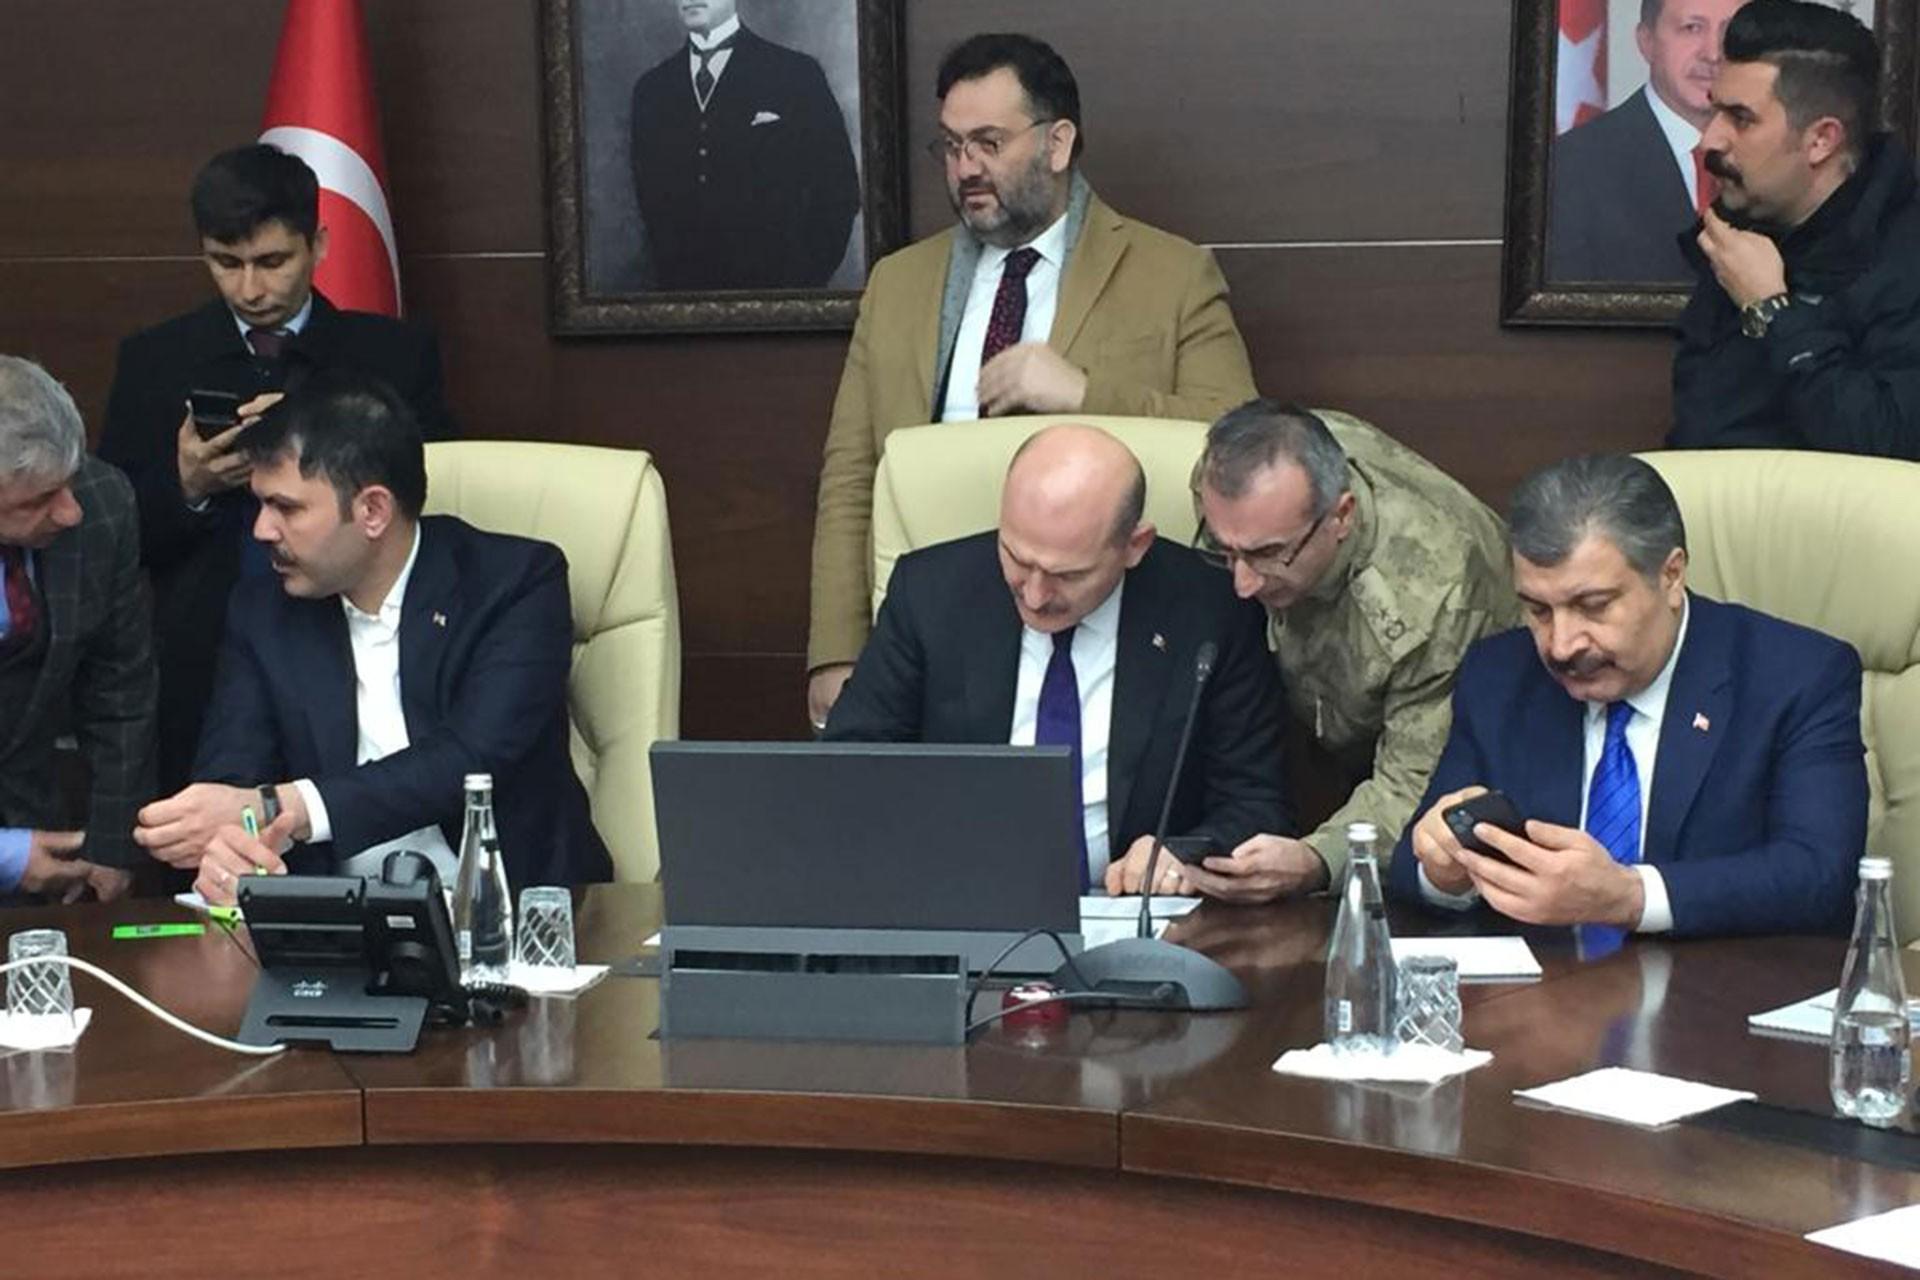 İçişleri Bakanı Süleyman Soylu (ortada), Çevre ve Şehirlilik Bakanı Murat Kurum (solda) ve Sağlık Bakanı Fahrettin Koca (sağda)